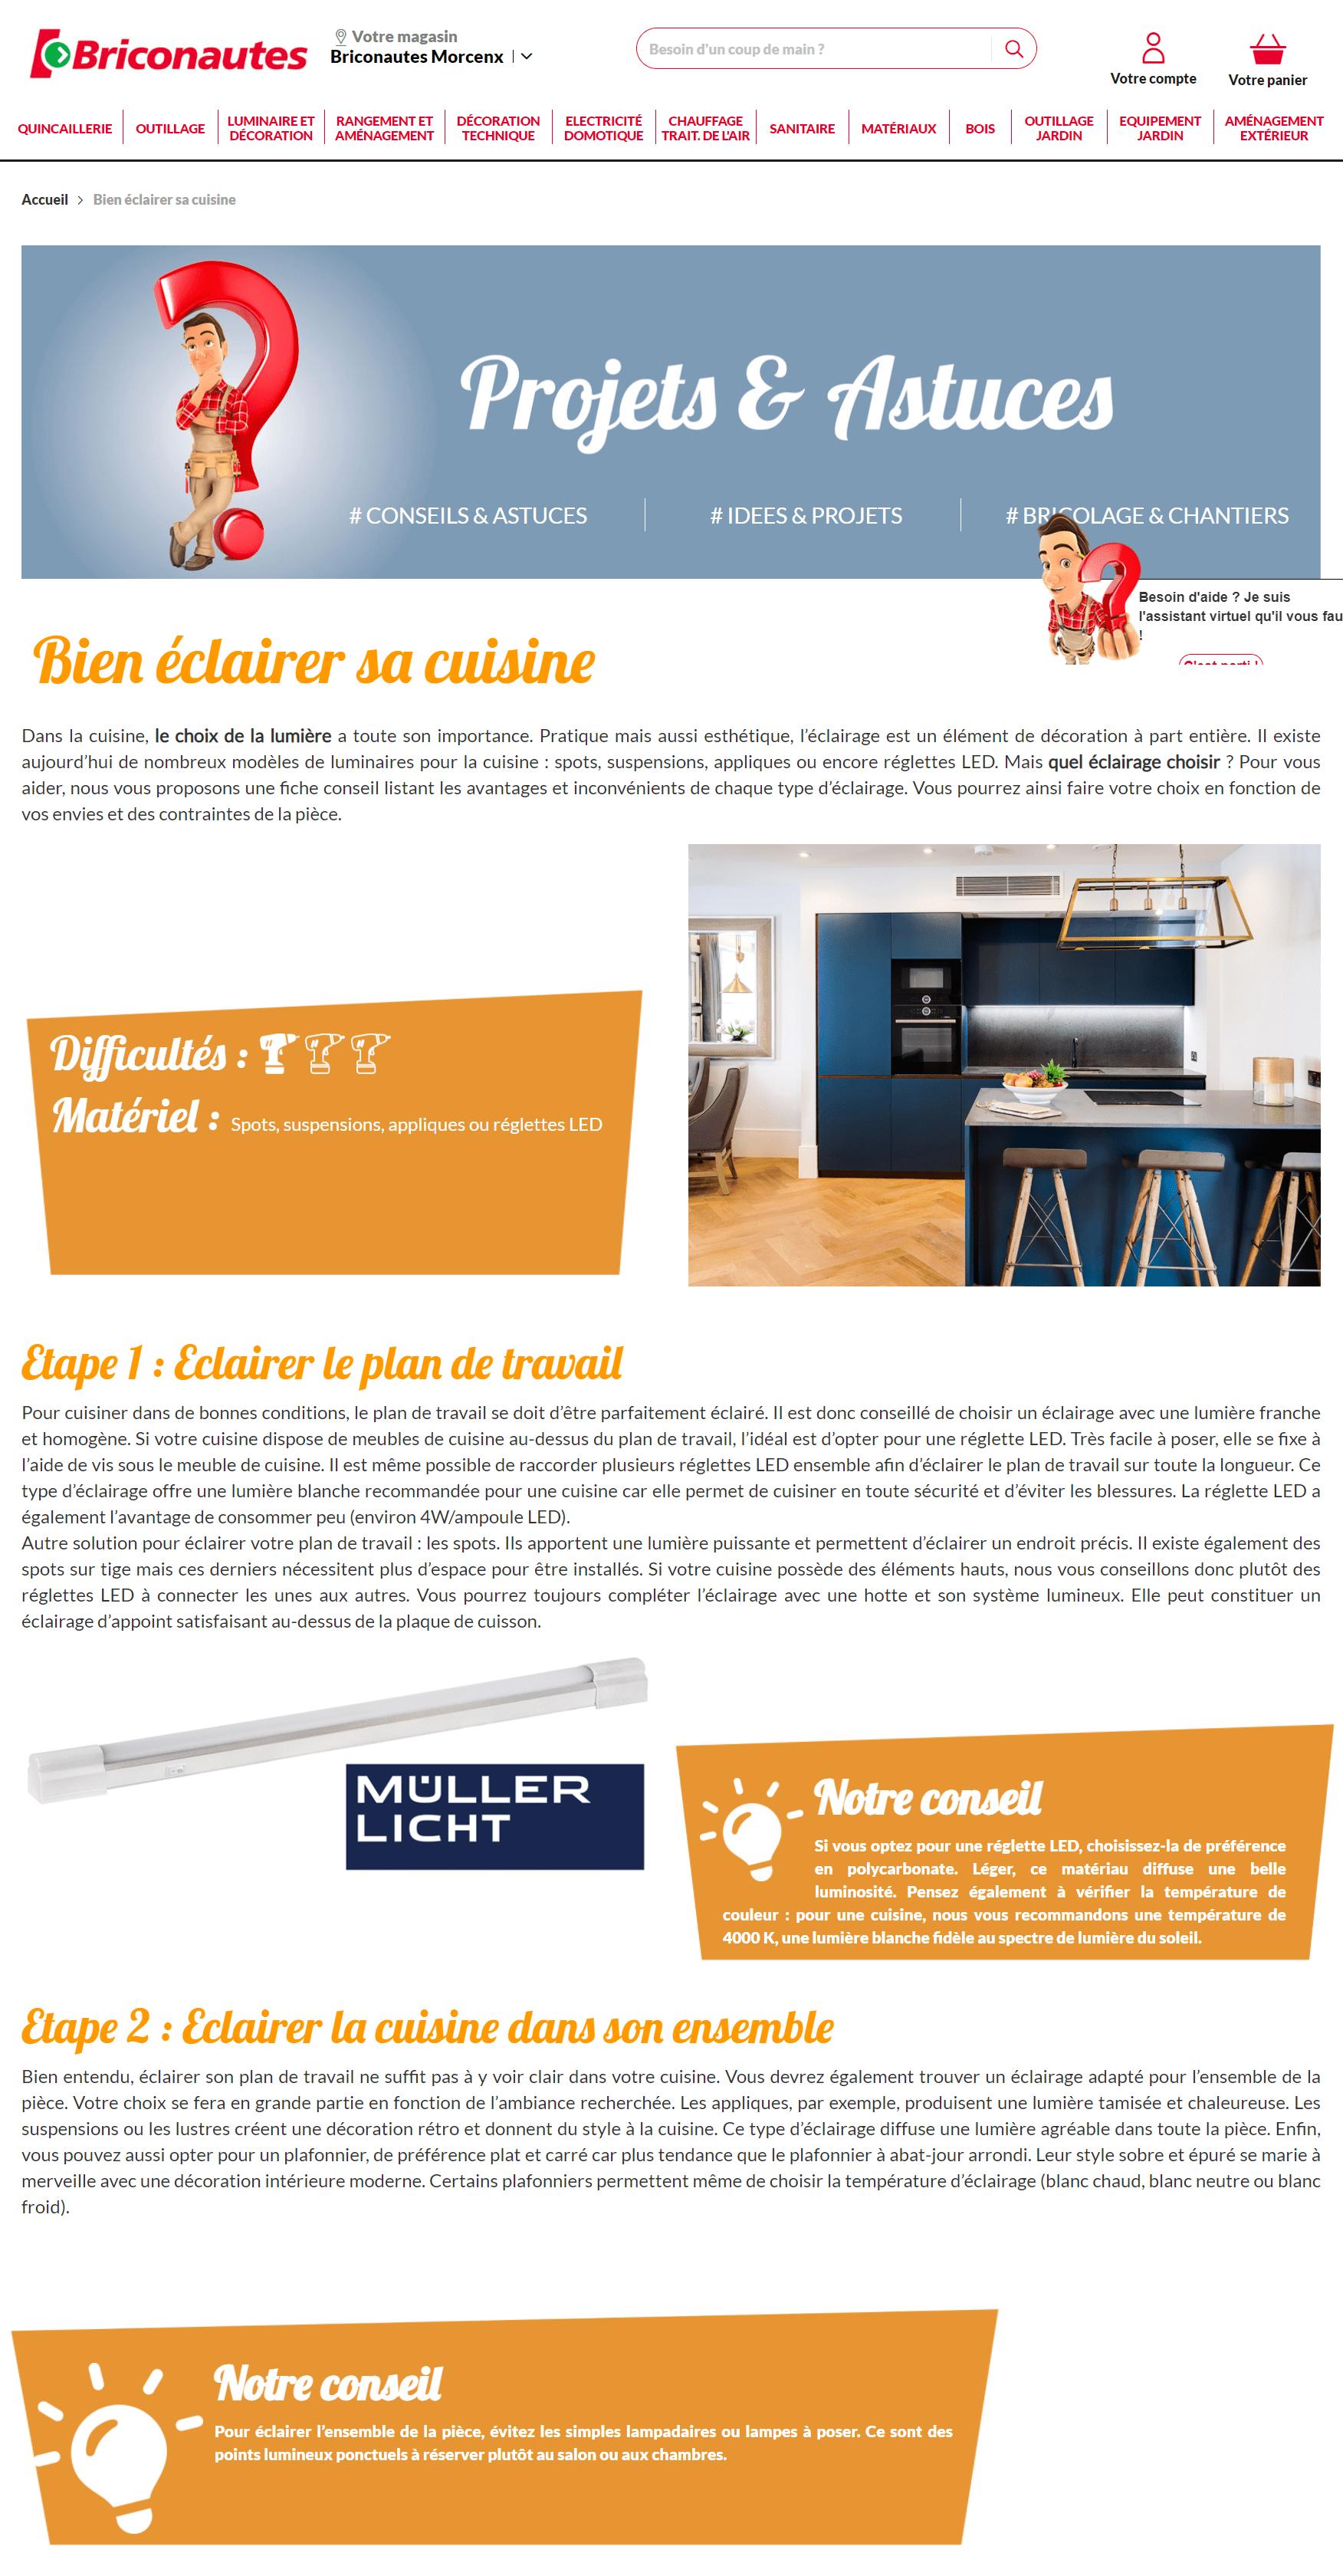 Rédacteur web bricolage - rédaction web contenu bricolage et maison - Orliance-Studio